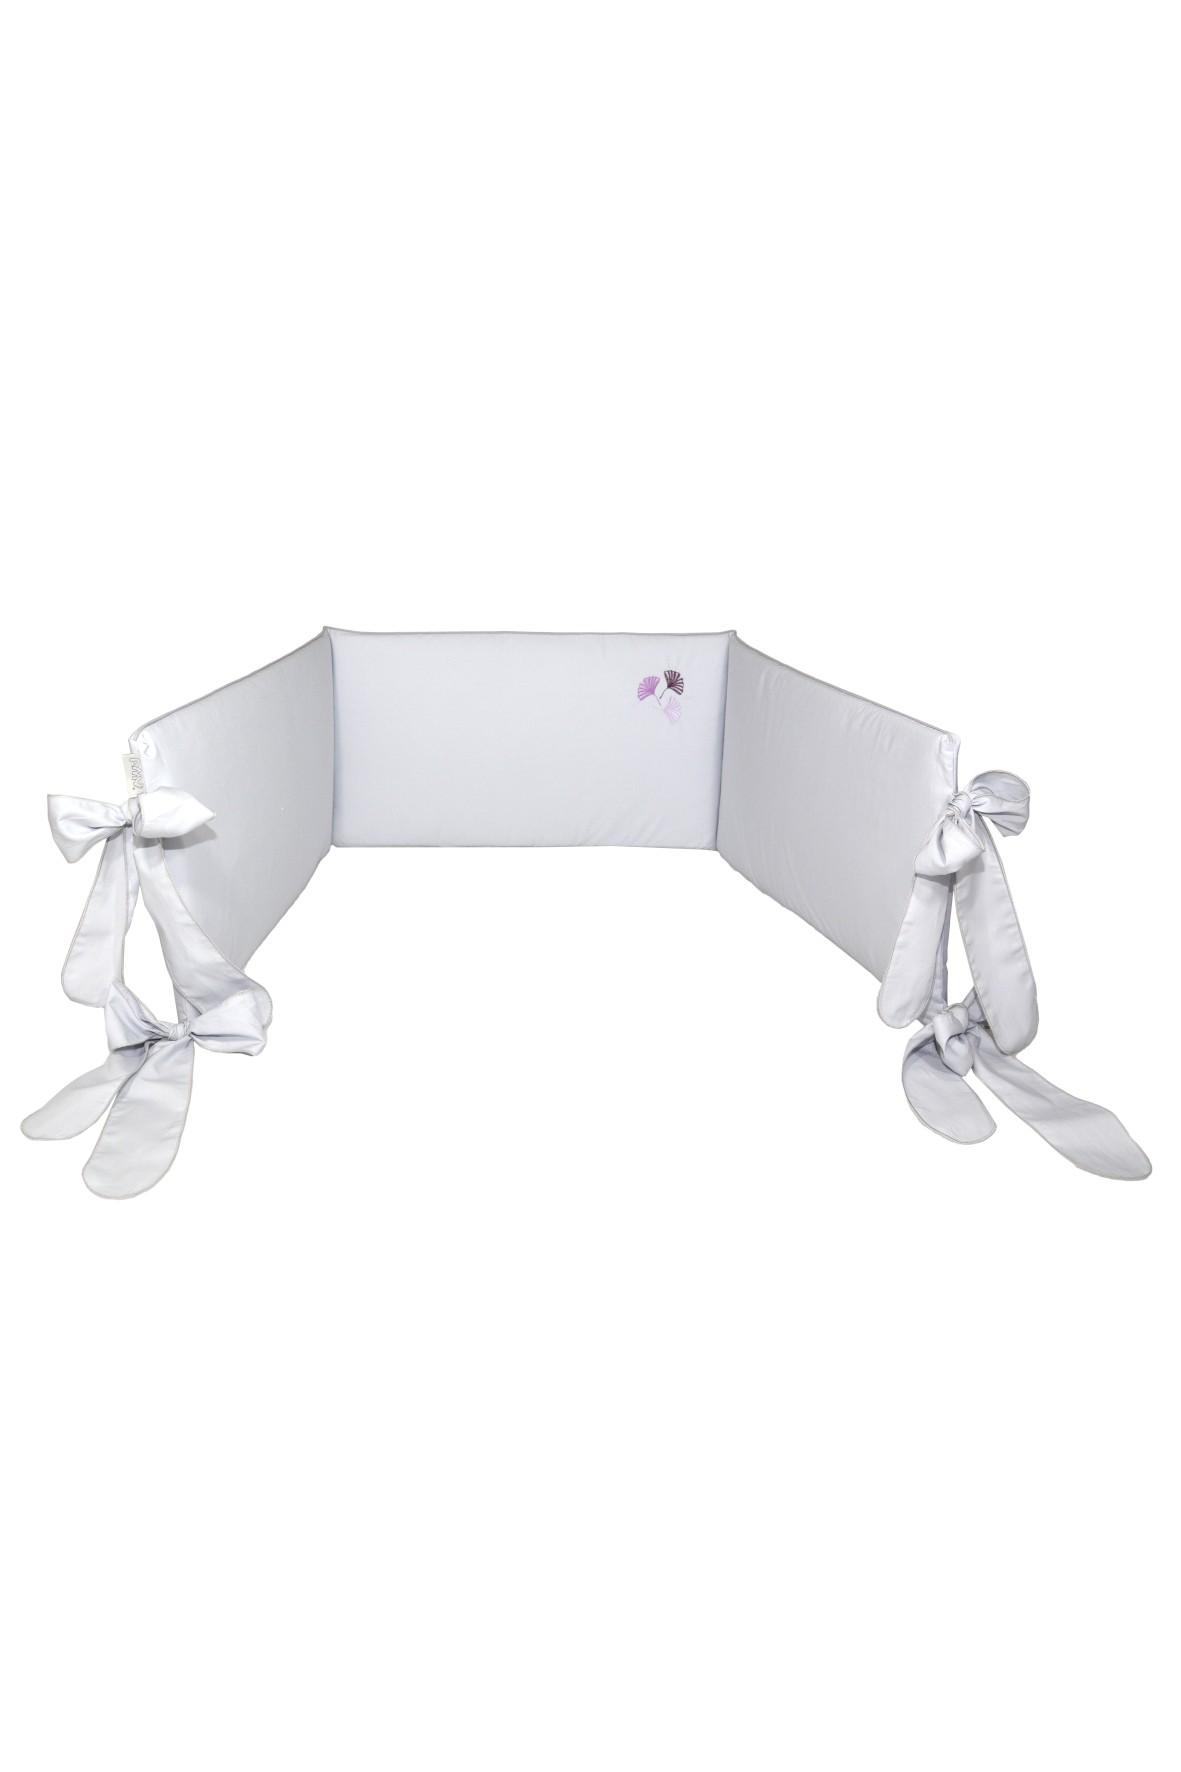 Ochraniacz do łóżeczka 180x32cm - szary